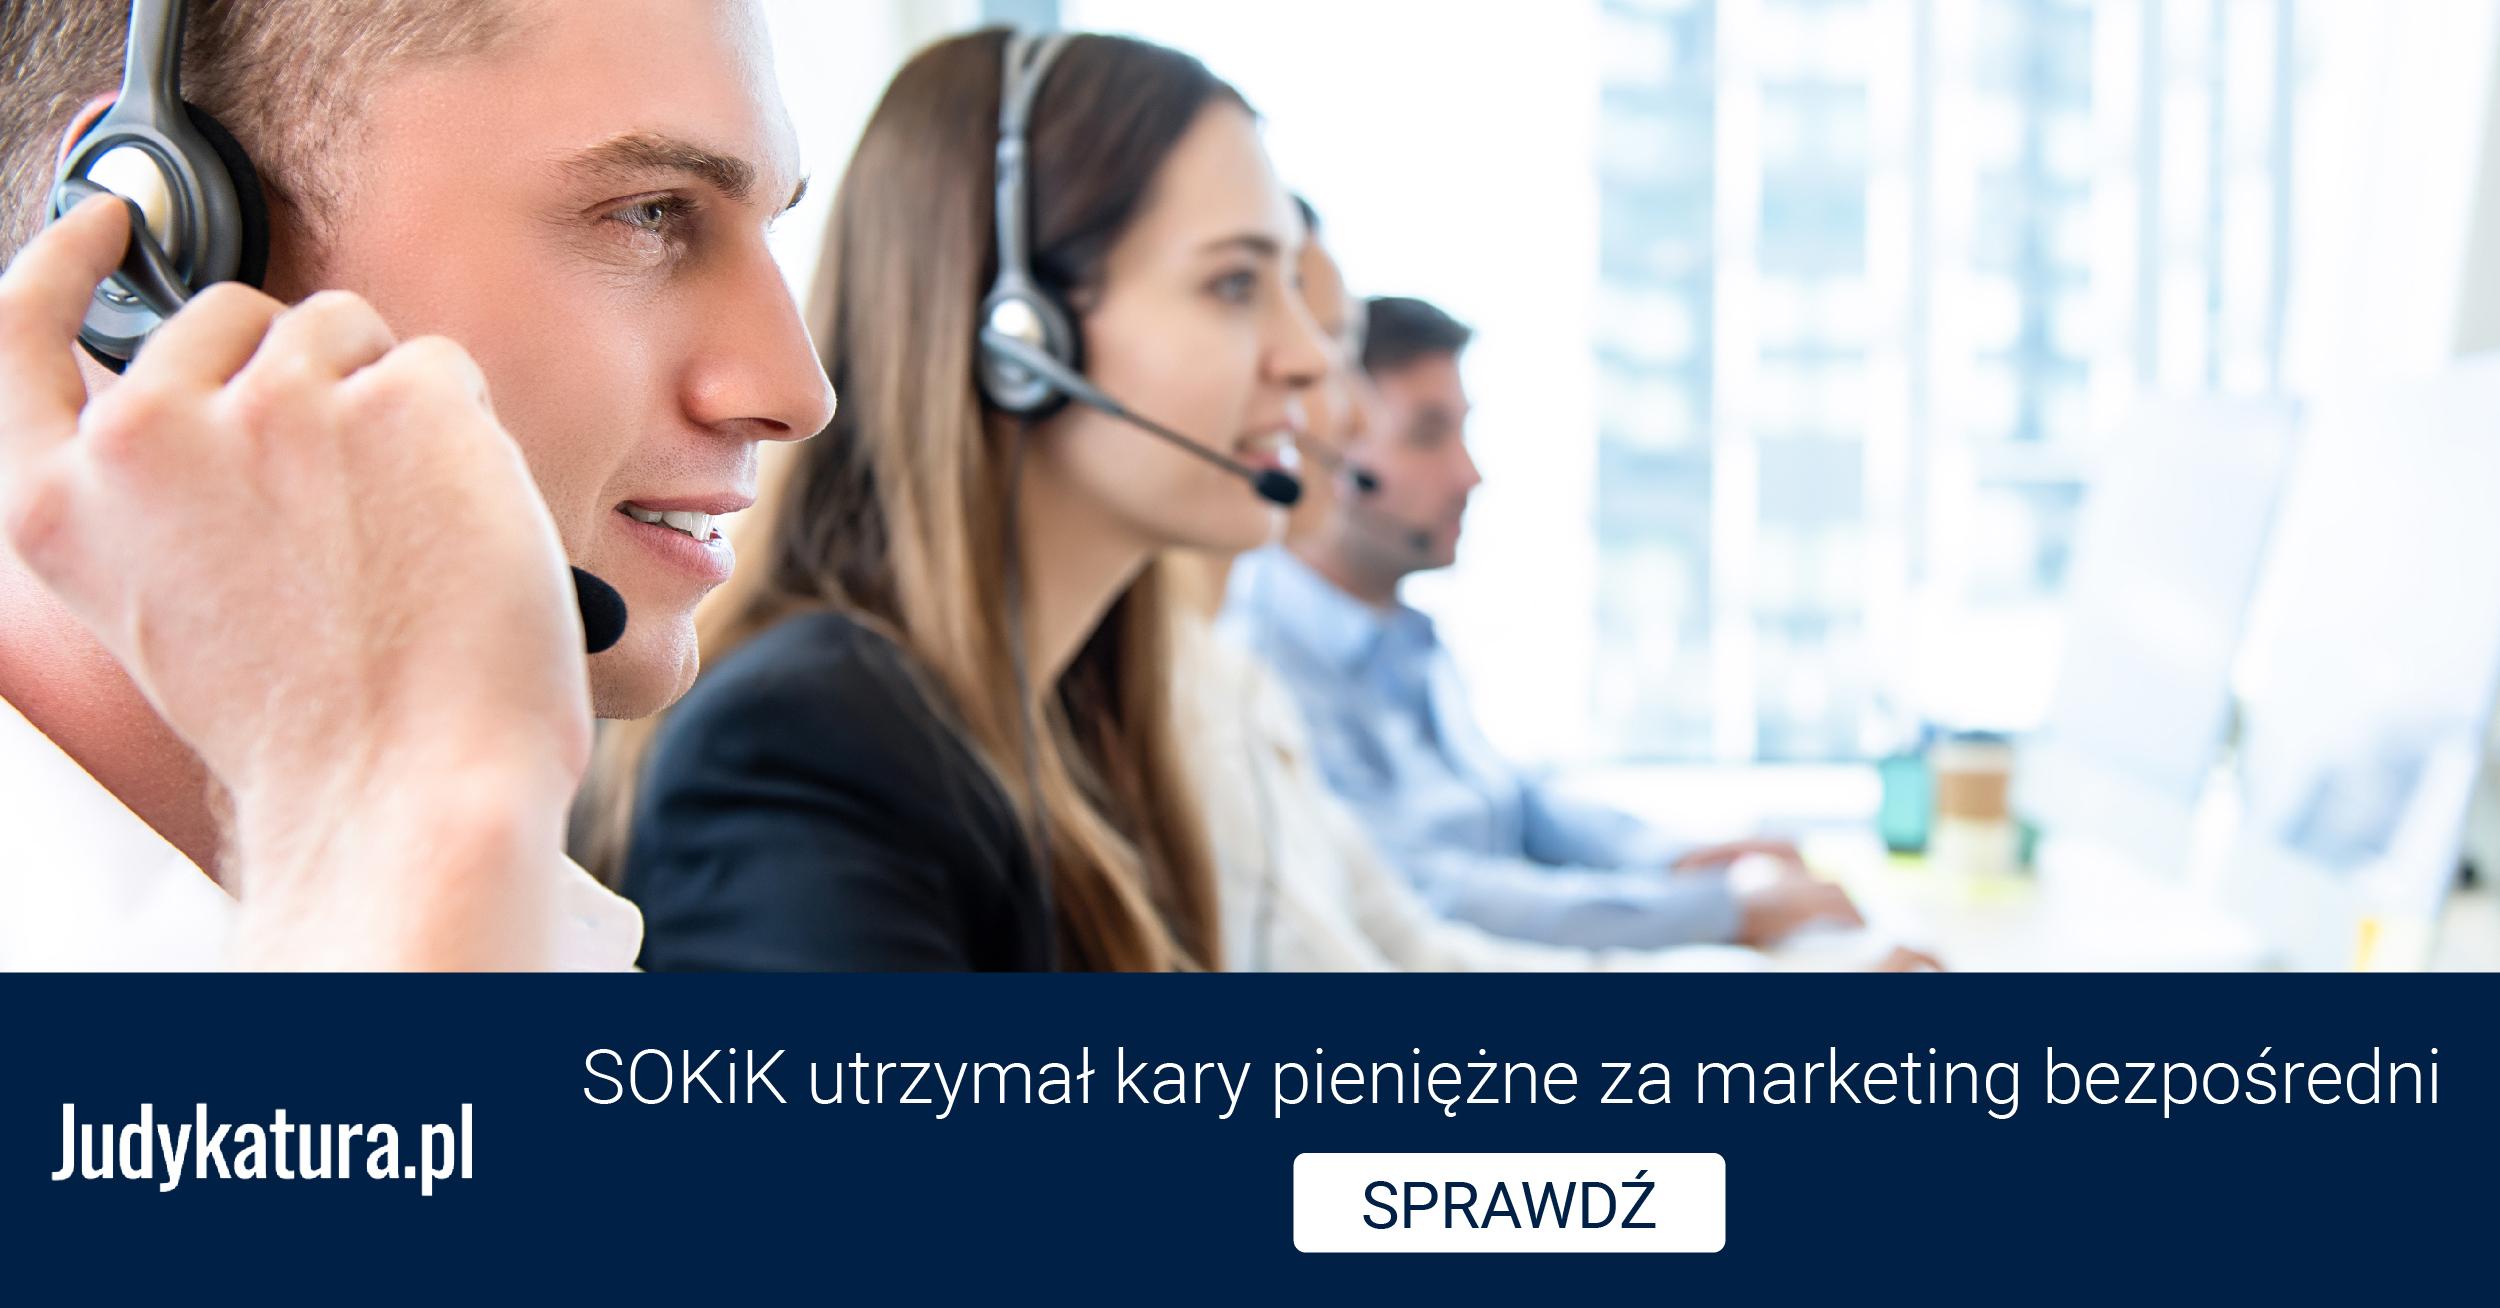 SOKiK utrzymał kary pieniężne zamarketing bezpośredni